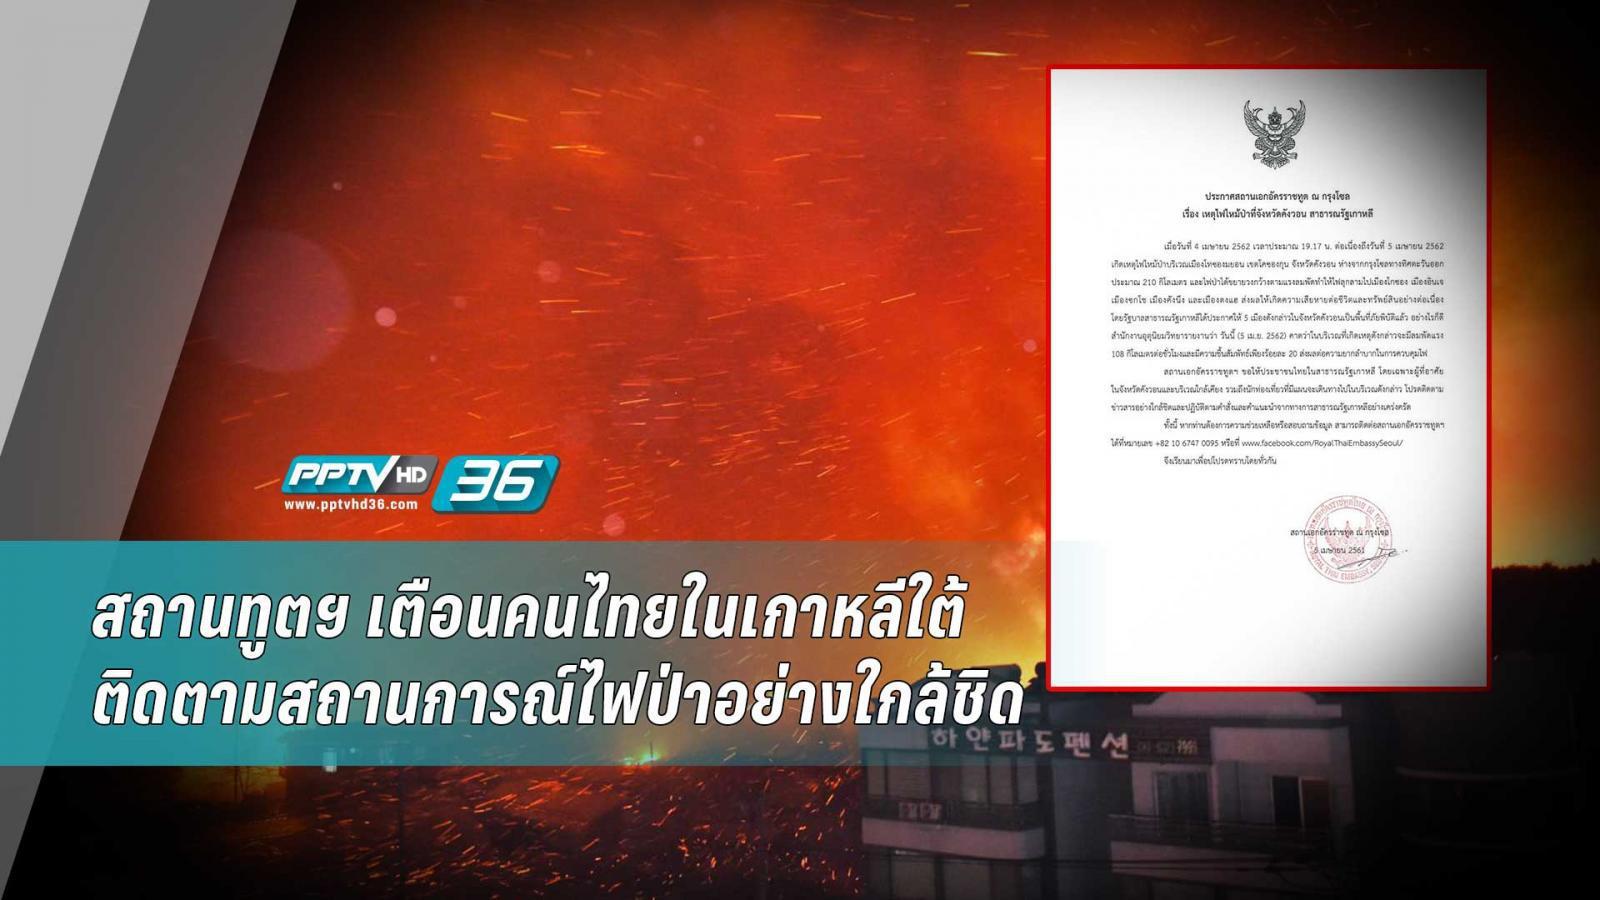 สถานทูตฯ เตือนคนไทยในเกาหลีใต้ติดตามสถานการณ์ไฟป่าอย่างใกล้ชิด